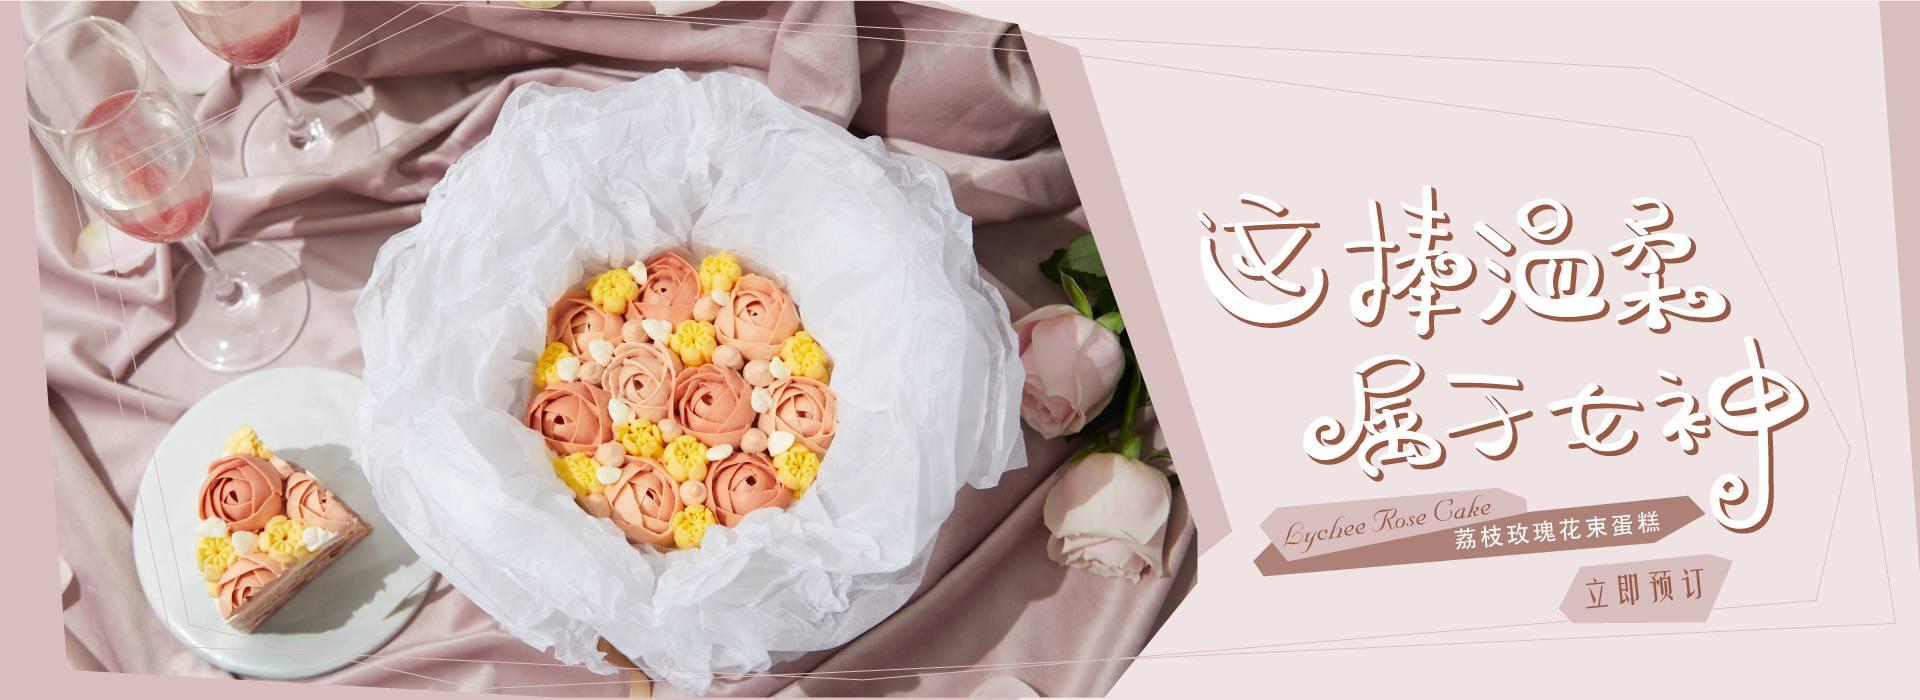 荔枝玫瑰花束蛋糕